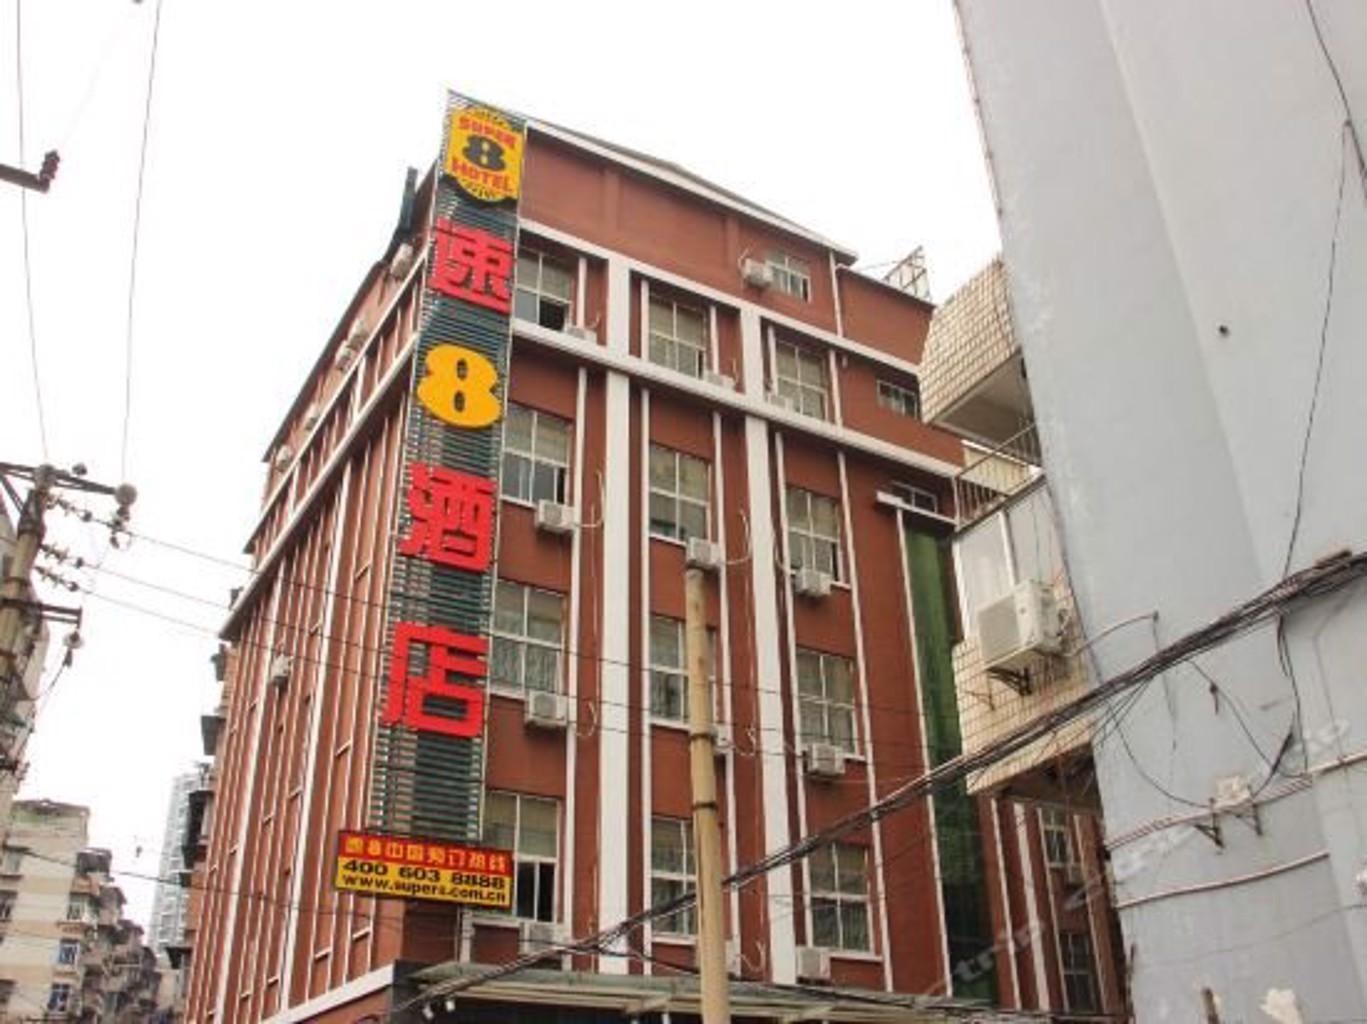 Super 8 Hotel Wuhan Jie Fang Avenue Xiang Gang Lu